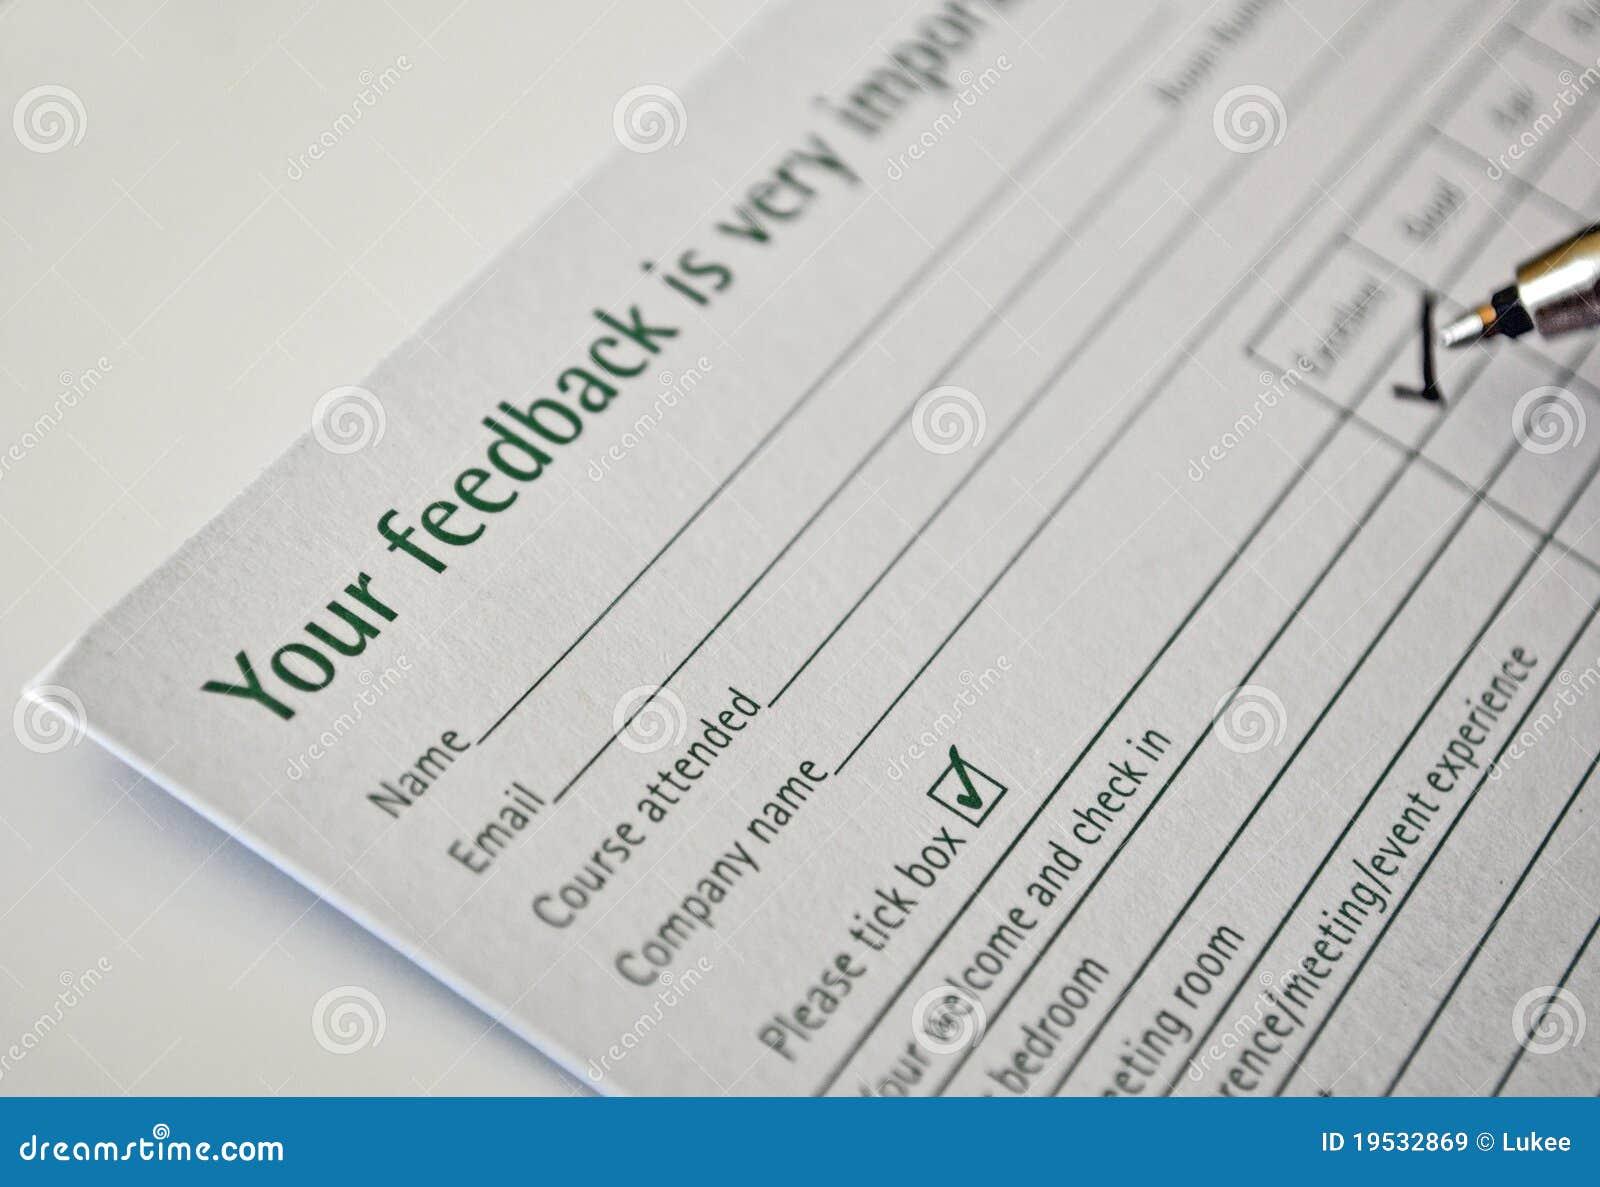 Filling Feedback Form  Free Feedback Form